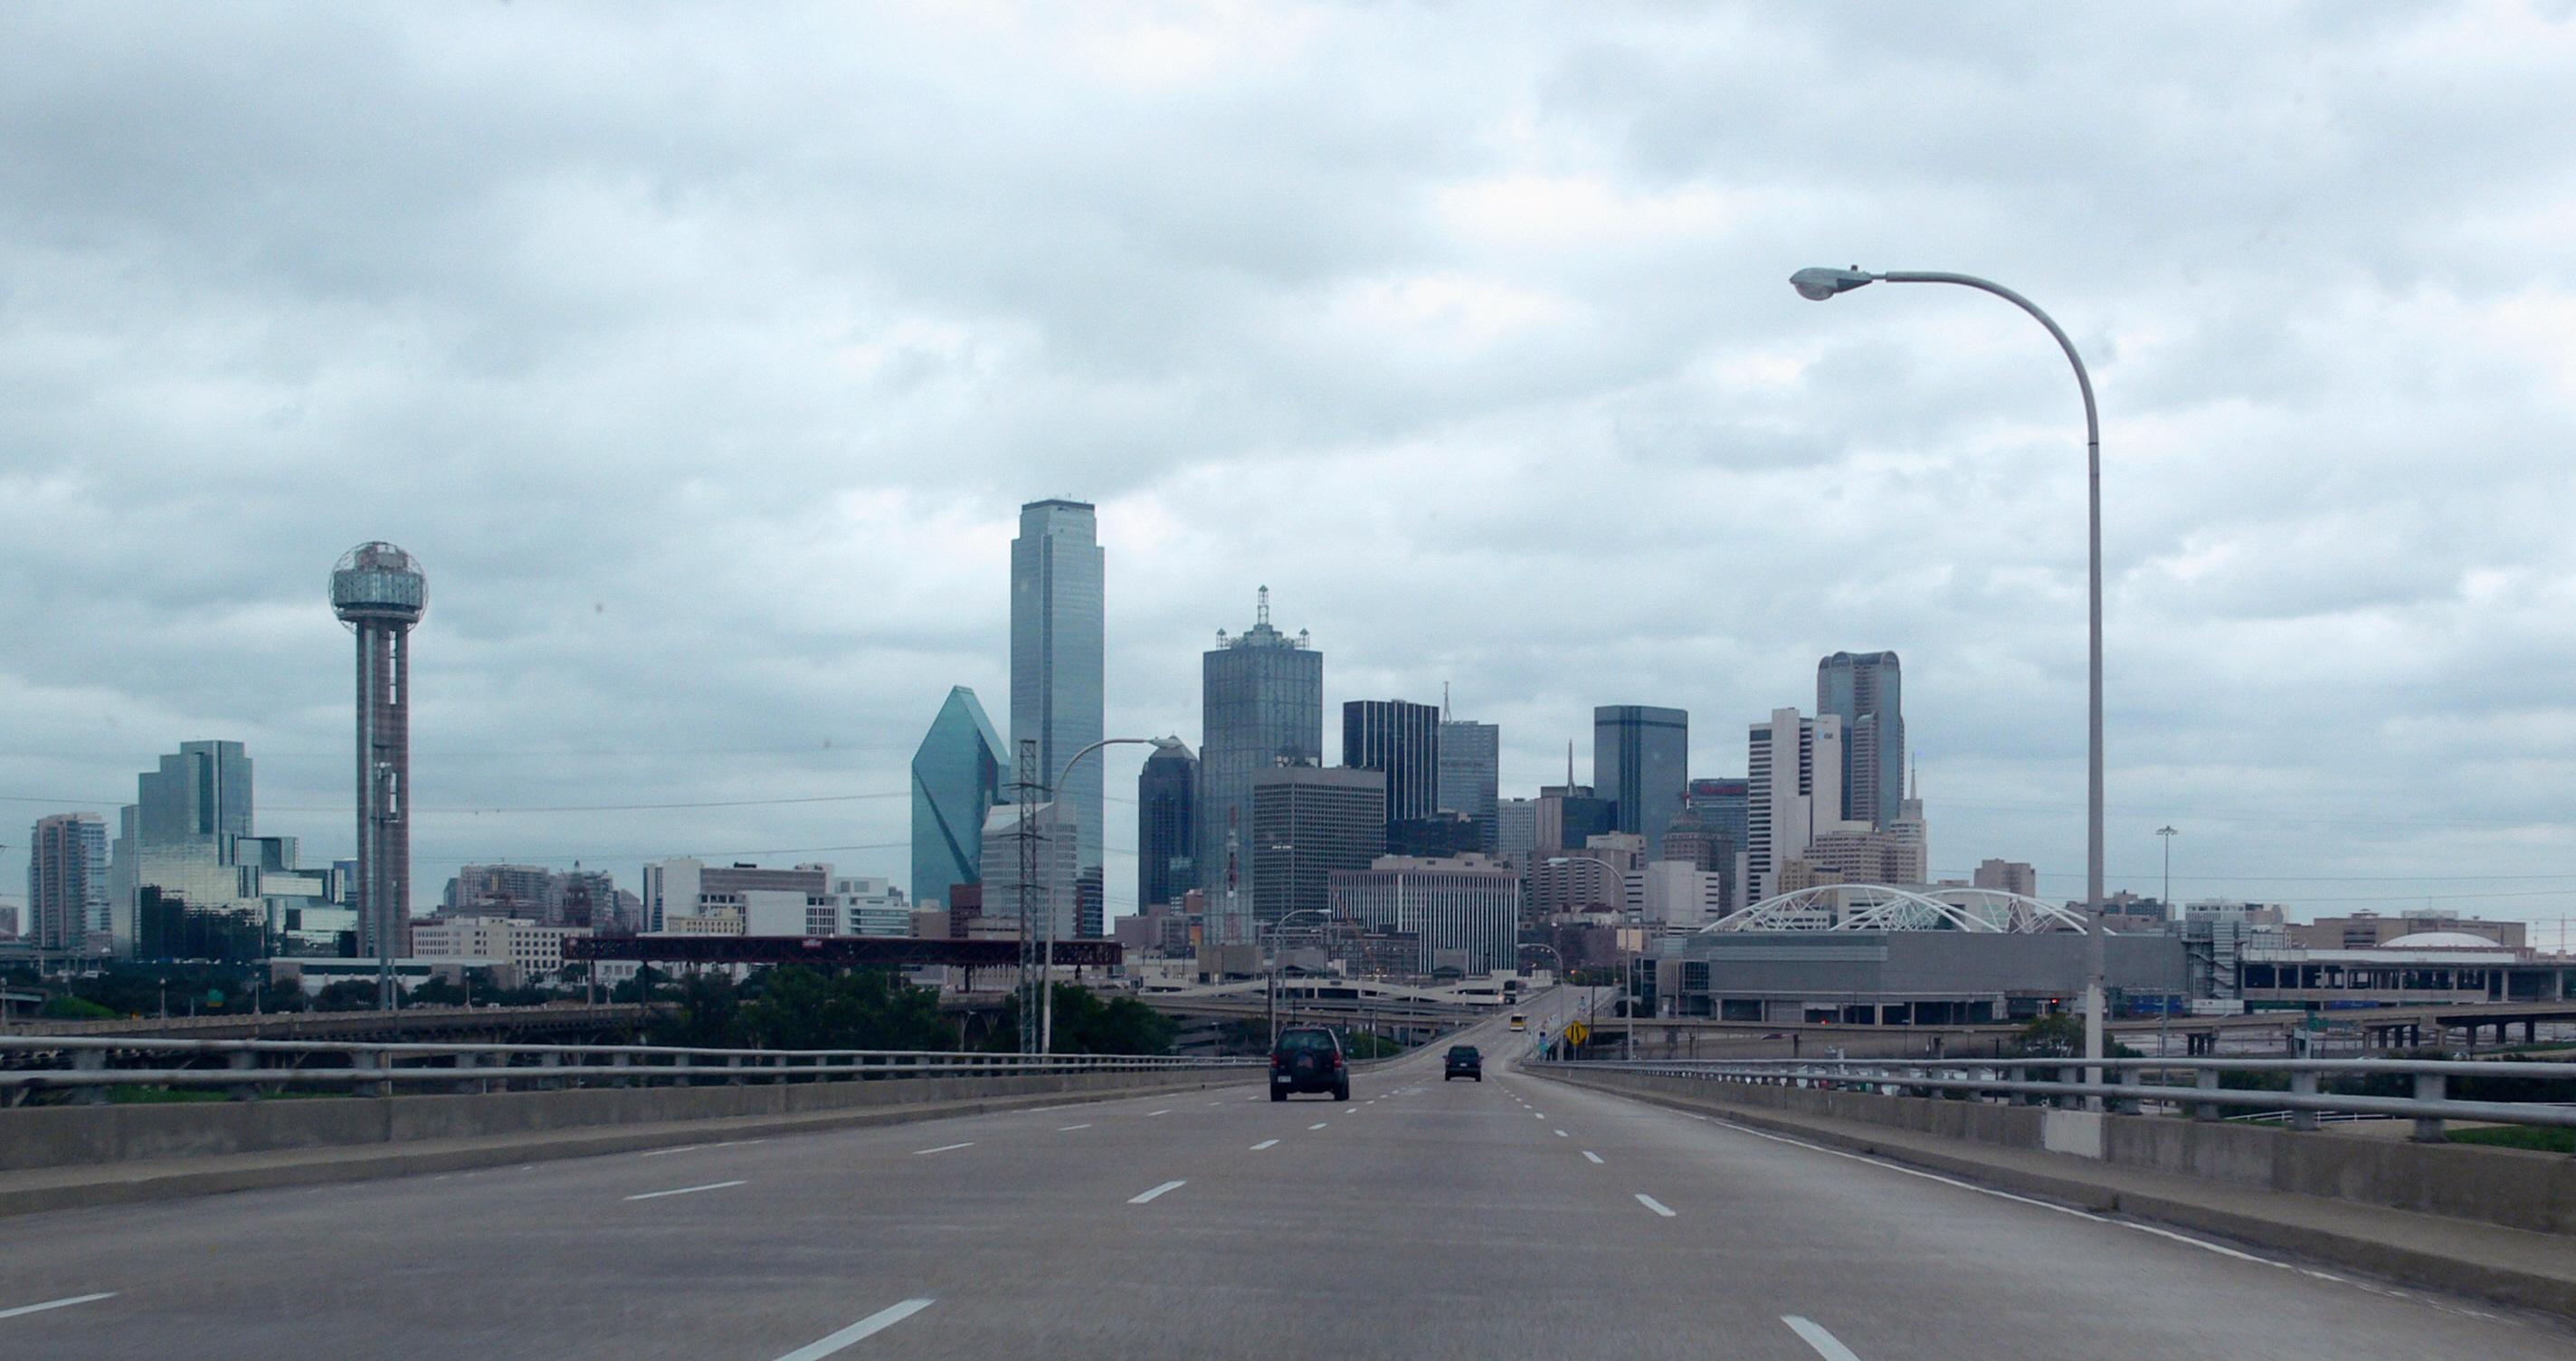 Dallas_skyline_from_Jefferson_Viaduct.jp